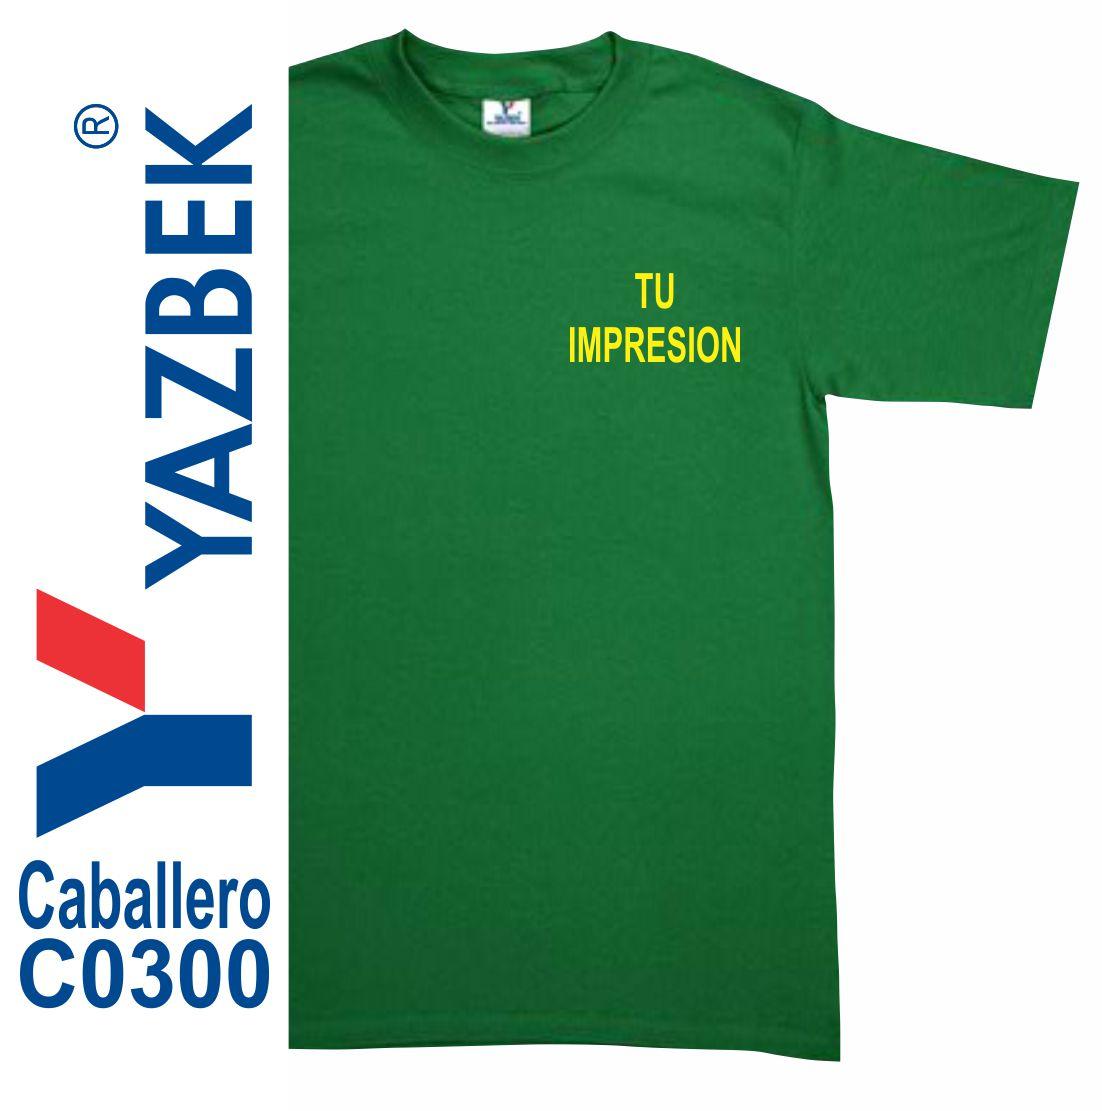 Playera Yazbek C0300 Caballero  d094439e9b410